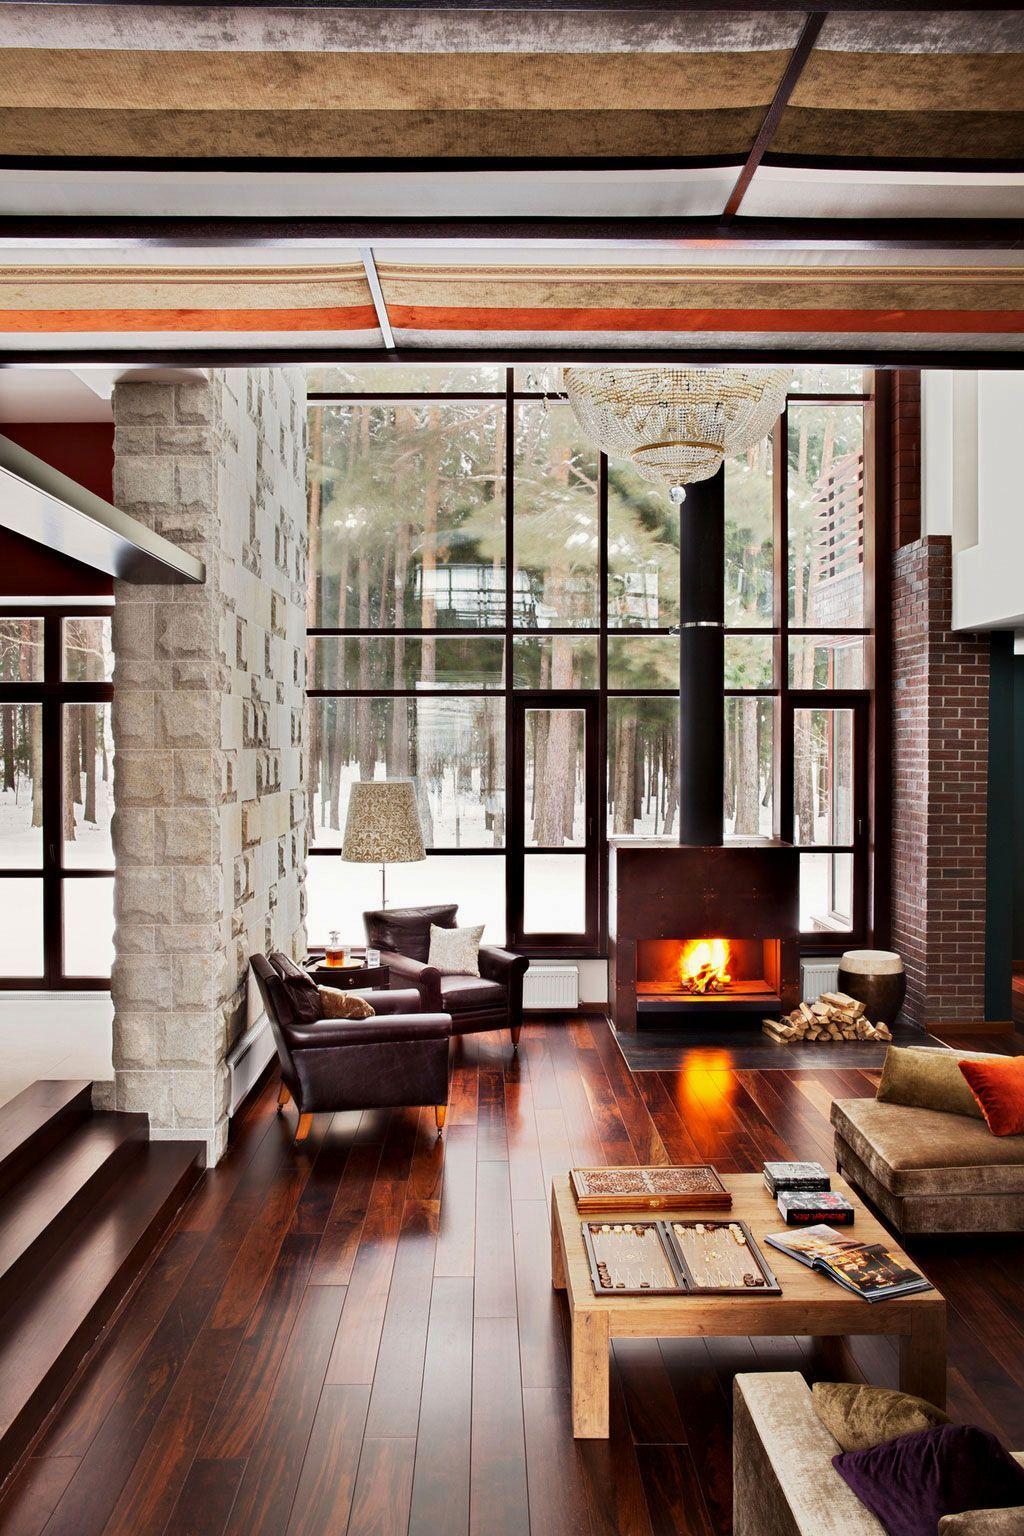 Inspirational Interior Design For Living Room